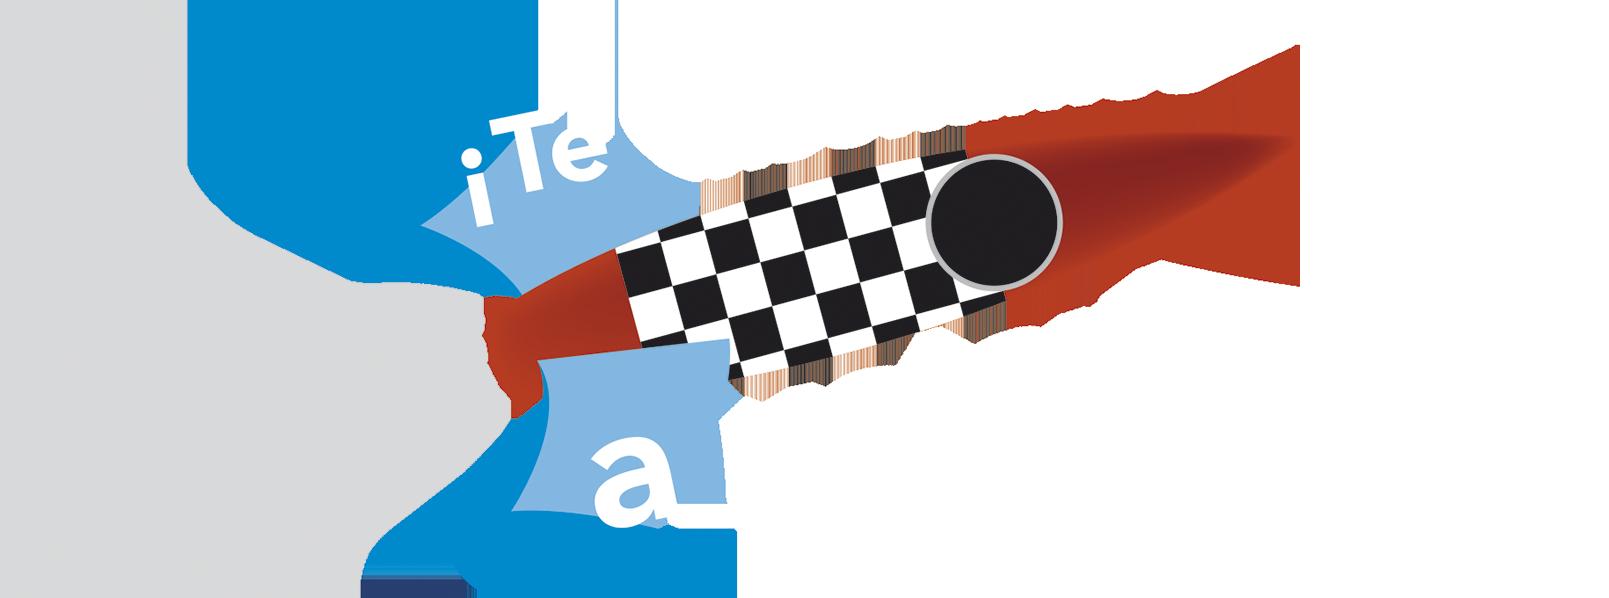 Rocket - Izando Services